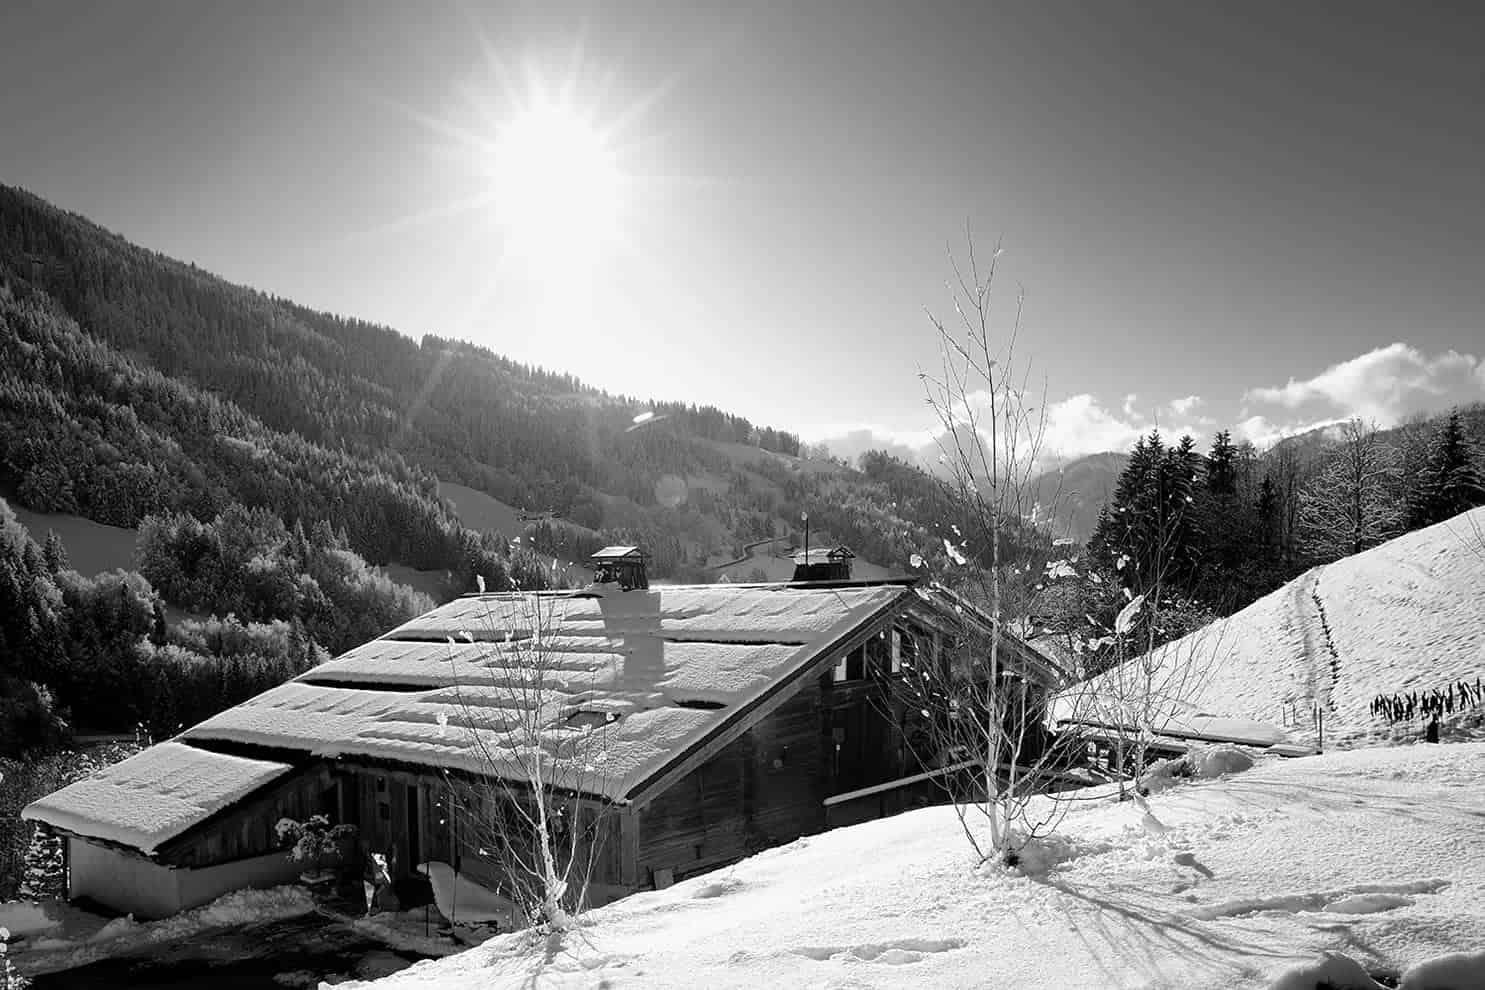 Située à Flumet, au cœur du val d'Arly, cette ferme a conservé toute sa rusticité, préservée par les artisans locaux, ici, véritables orfèvres. Au plus proche du paysage, elle incorpore le dénivelé au sein même de son architecture, appelé le « montagni » (expression locale), contribuant naturellement au déneigement de la toiture.